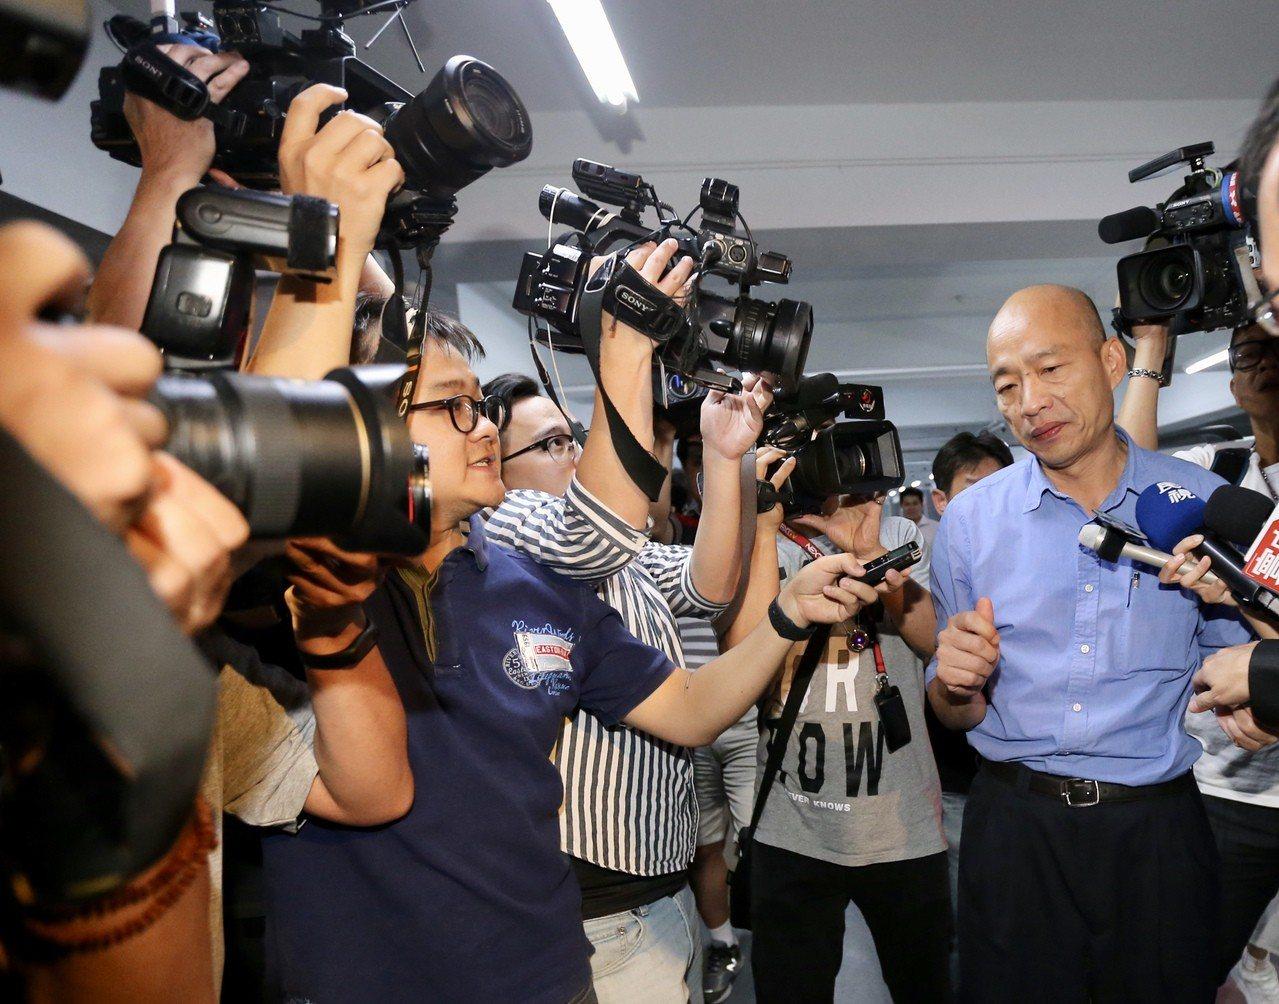 韓國瑜贏下國民黨內總統初選。 聯合報記者許正宏/攝影